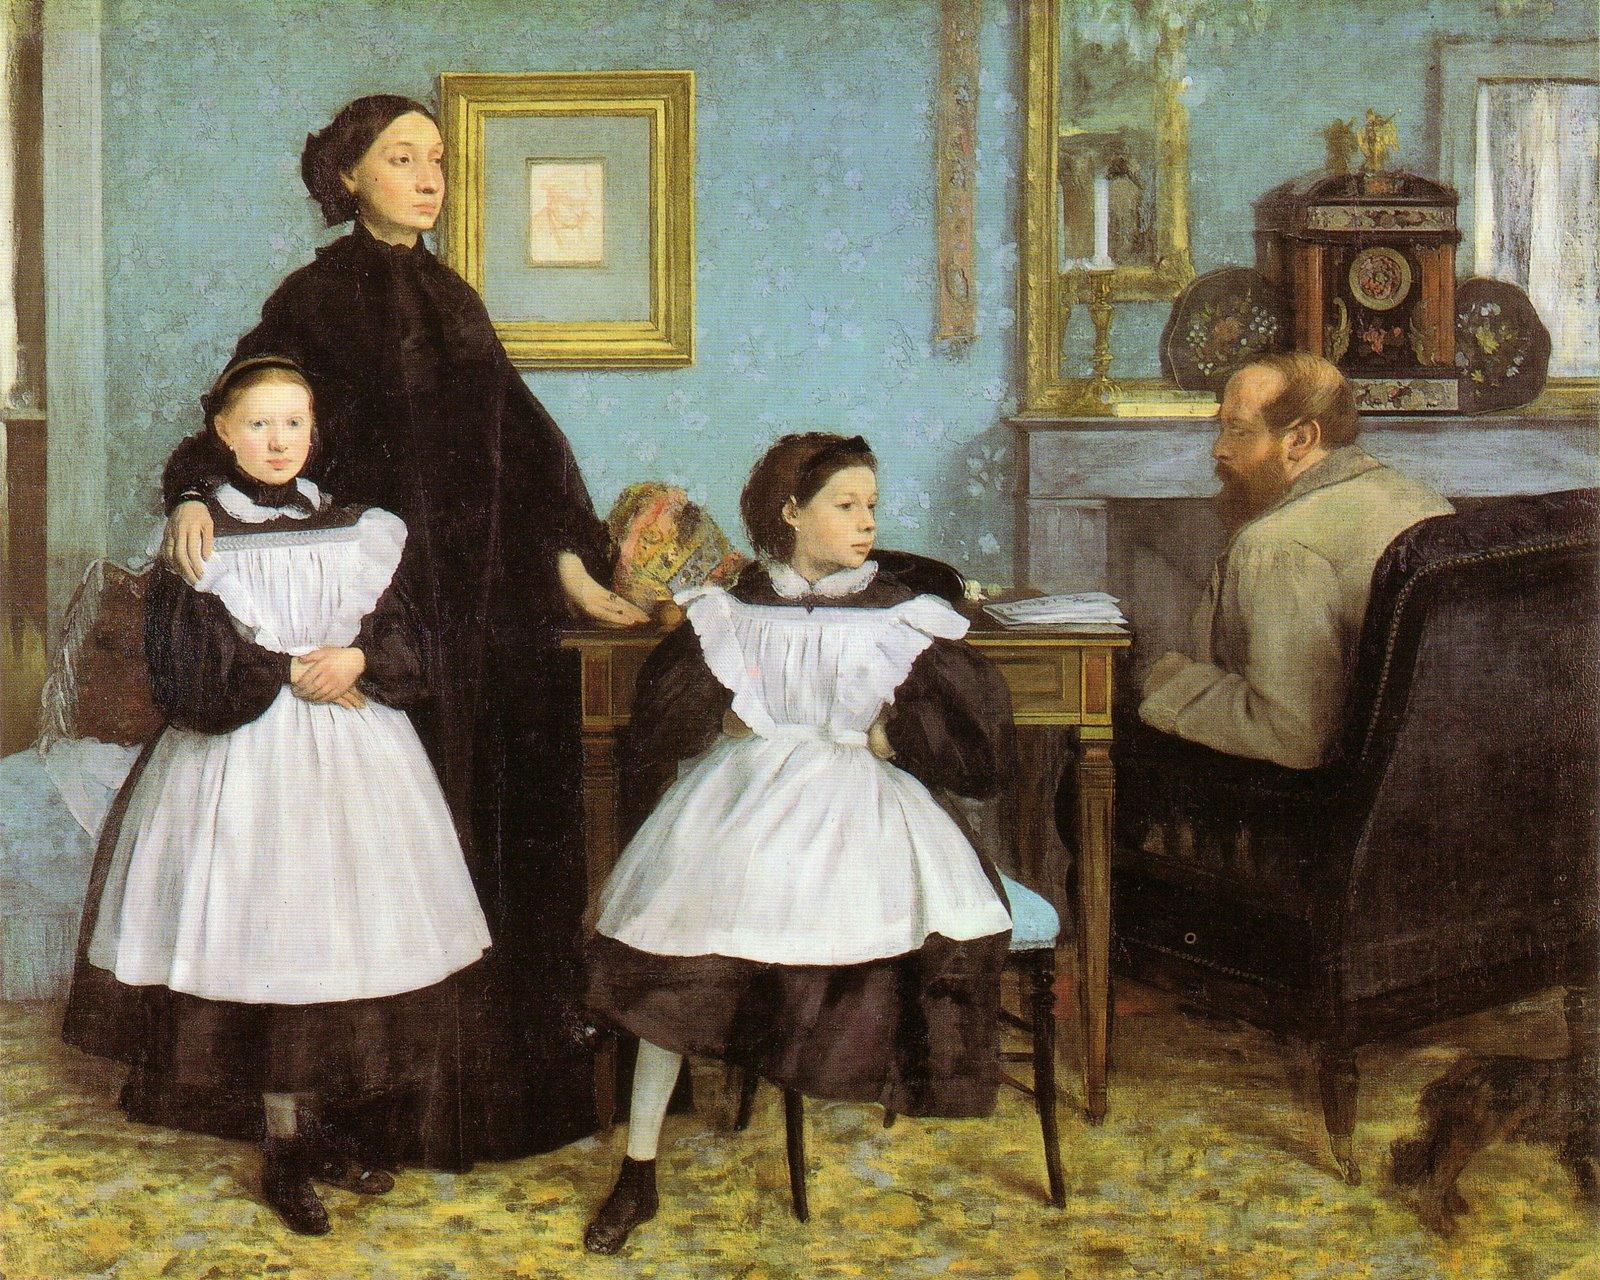 English: Bellelli family, paint of Edgar Degas.